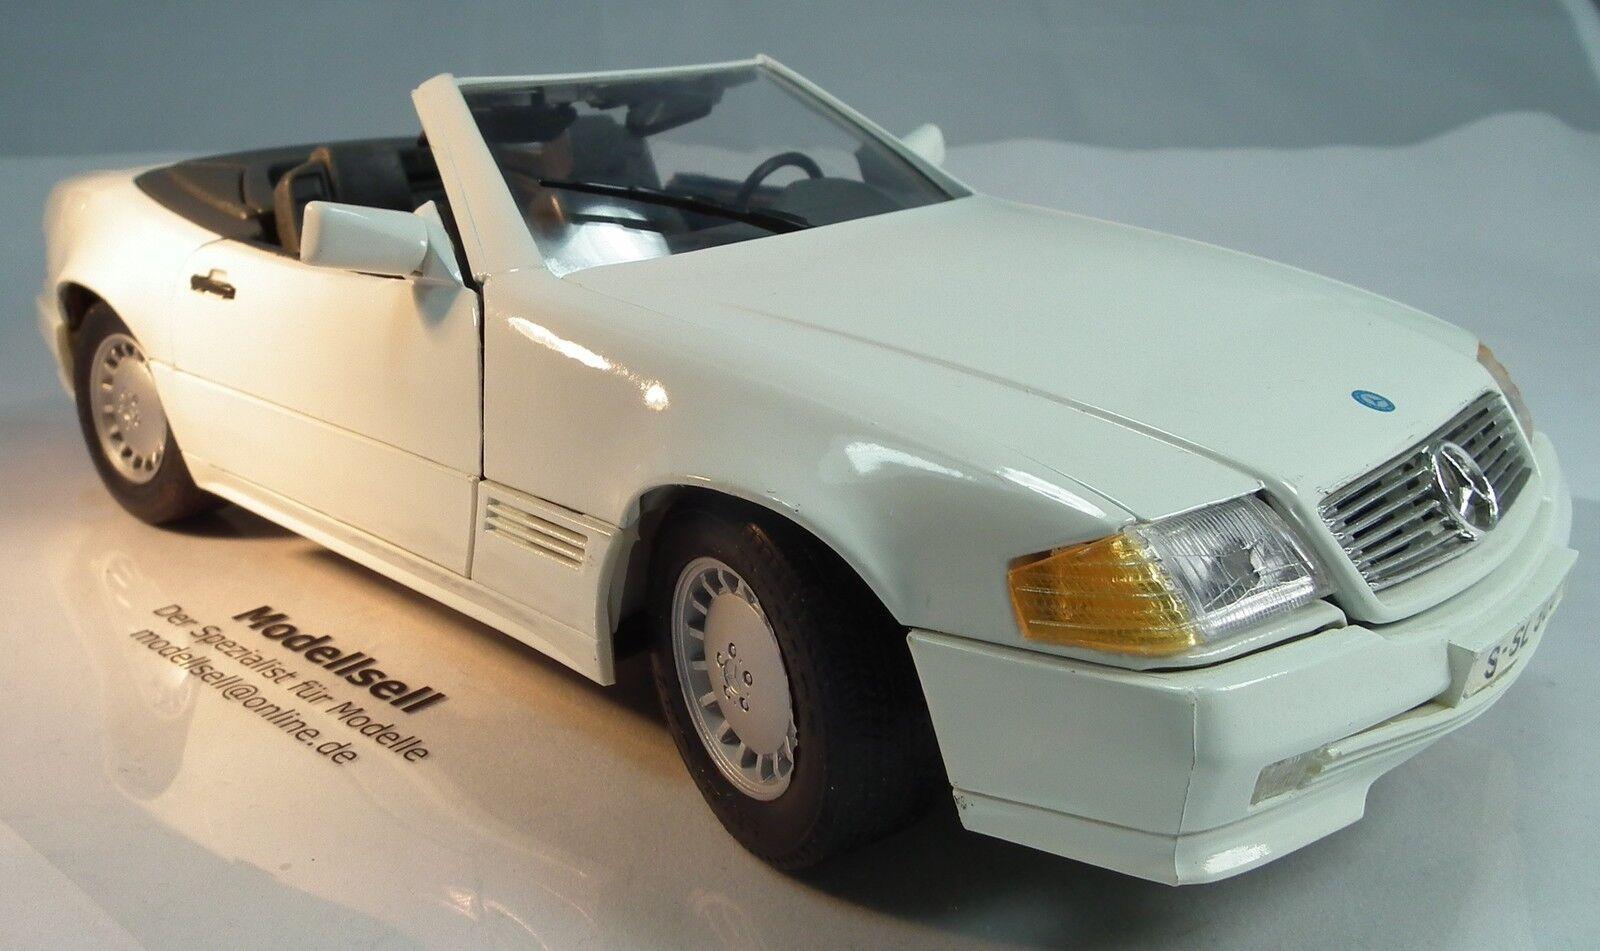 Mercedes-benz 500sl cabrio 1989 en escala 1 18 18 18 coche modelo de maisto 2cb25e